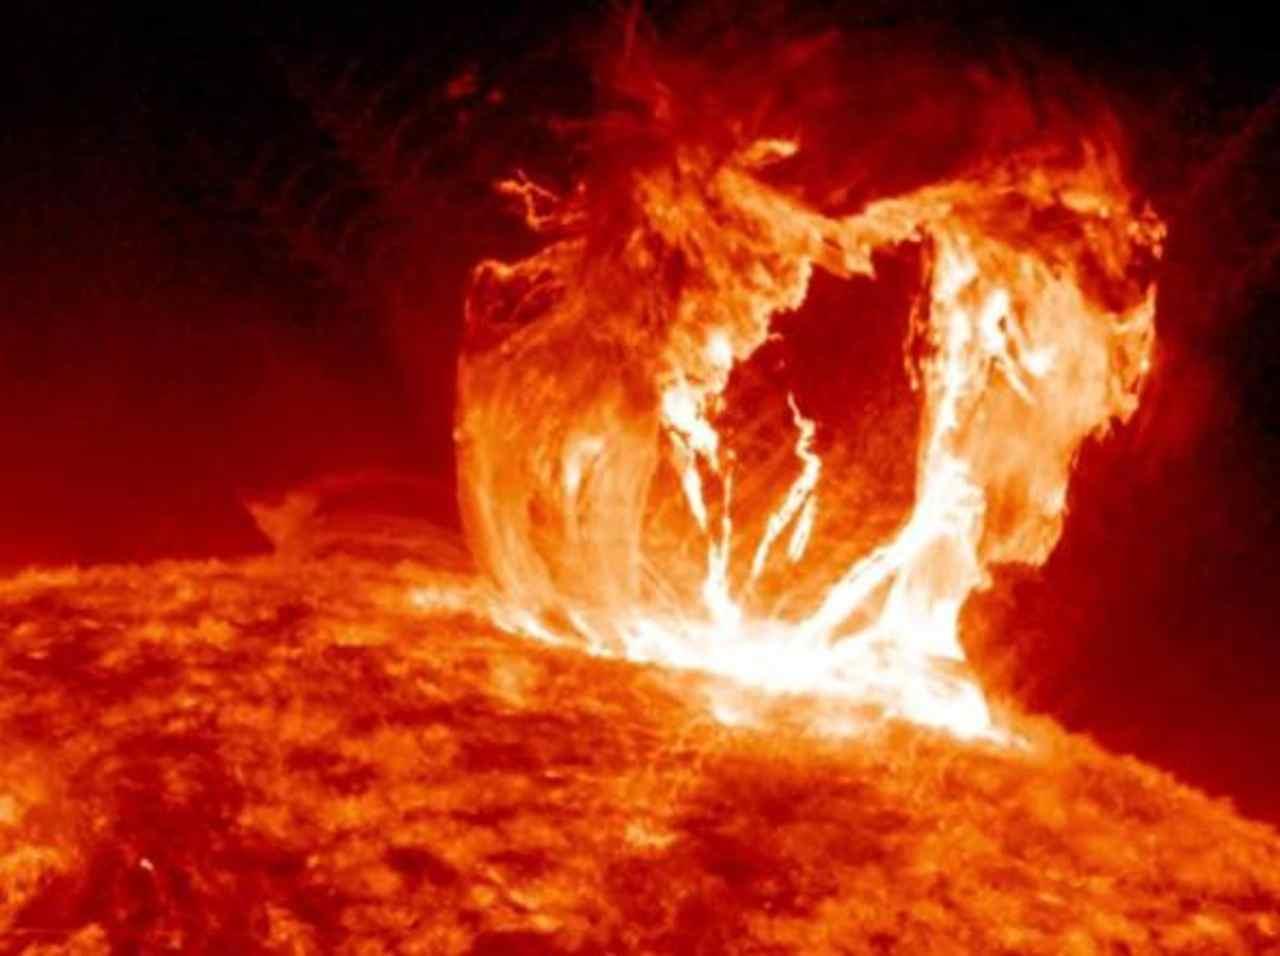 Esplosione solare (Foto Corriere.it)